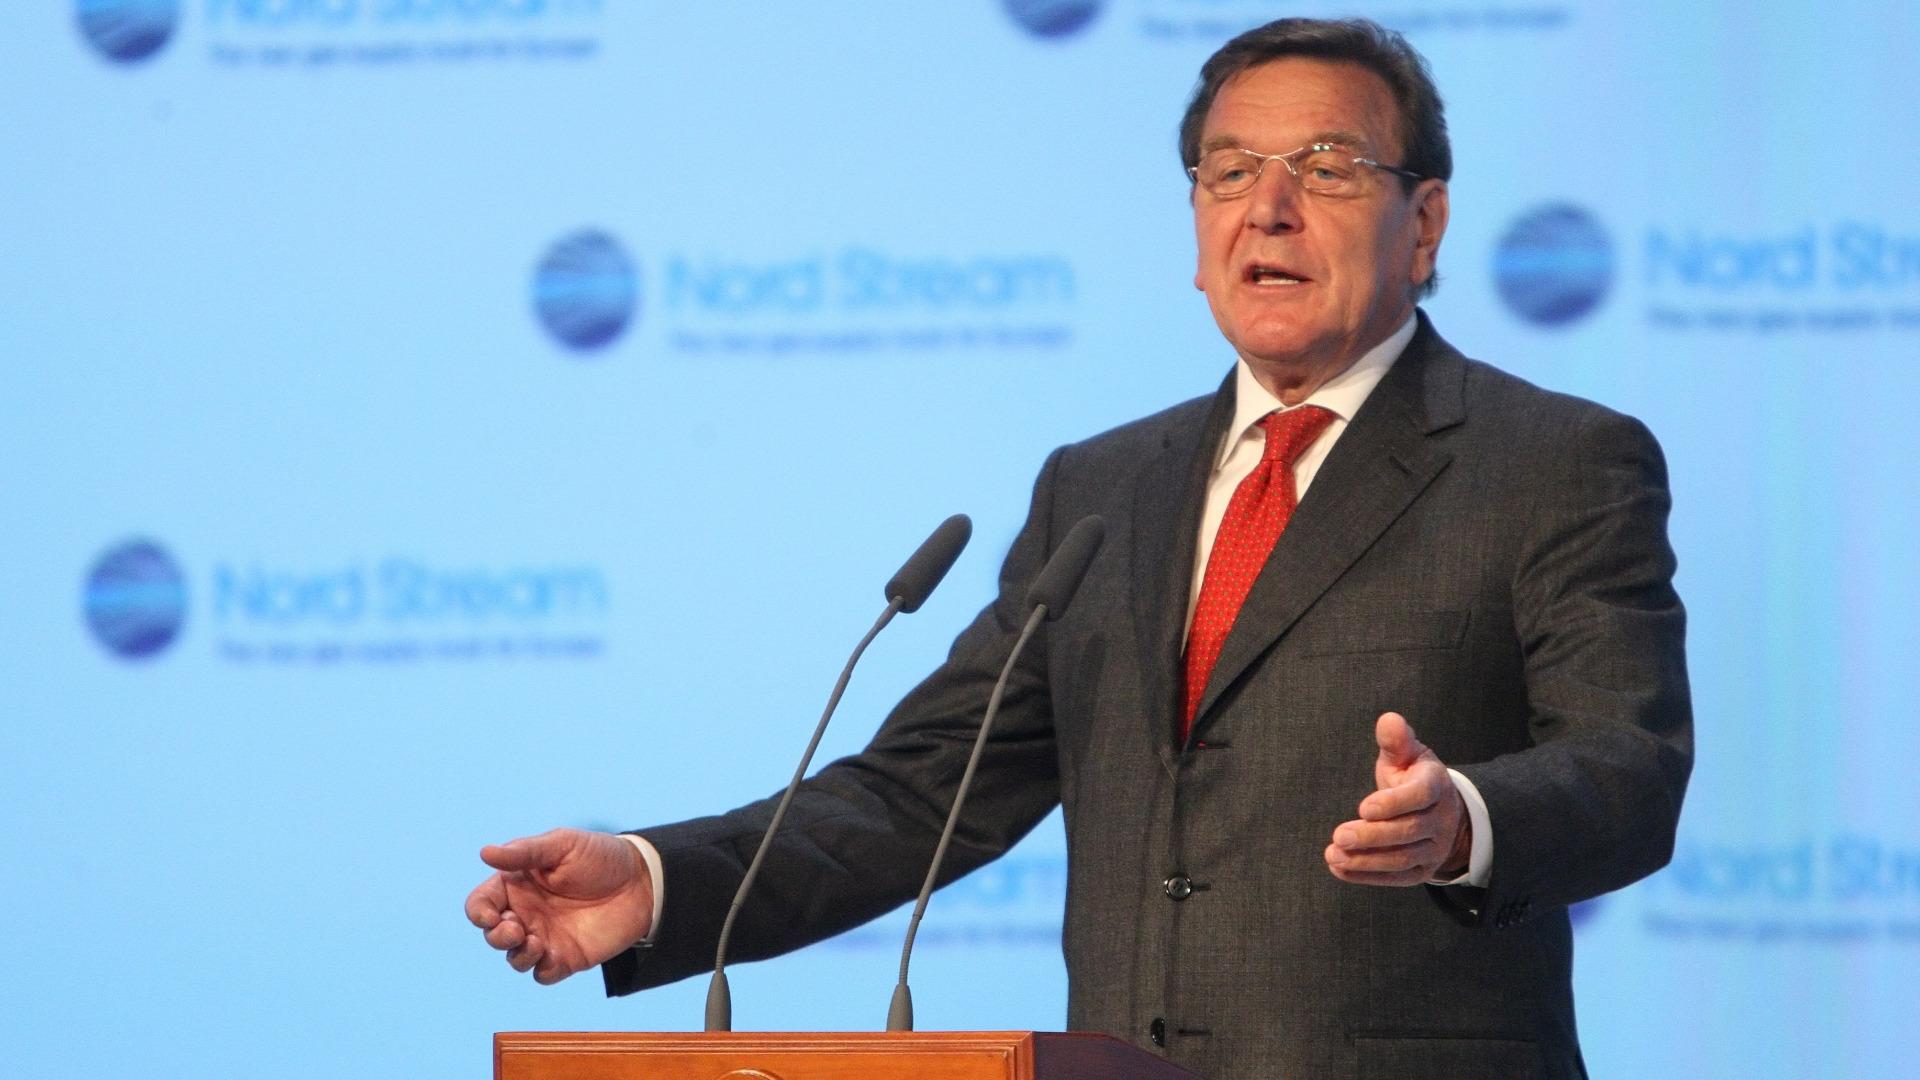 Герхард Шрьодер Снимка: ЕПА/БГНЕСУкраинският външен министър Павло Климкин заяви, че